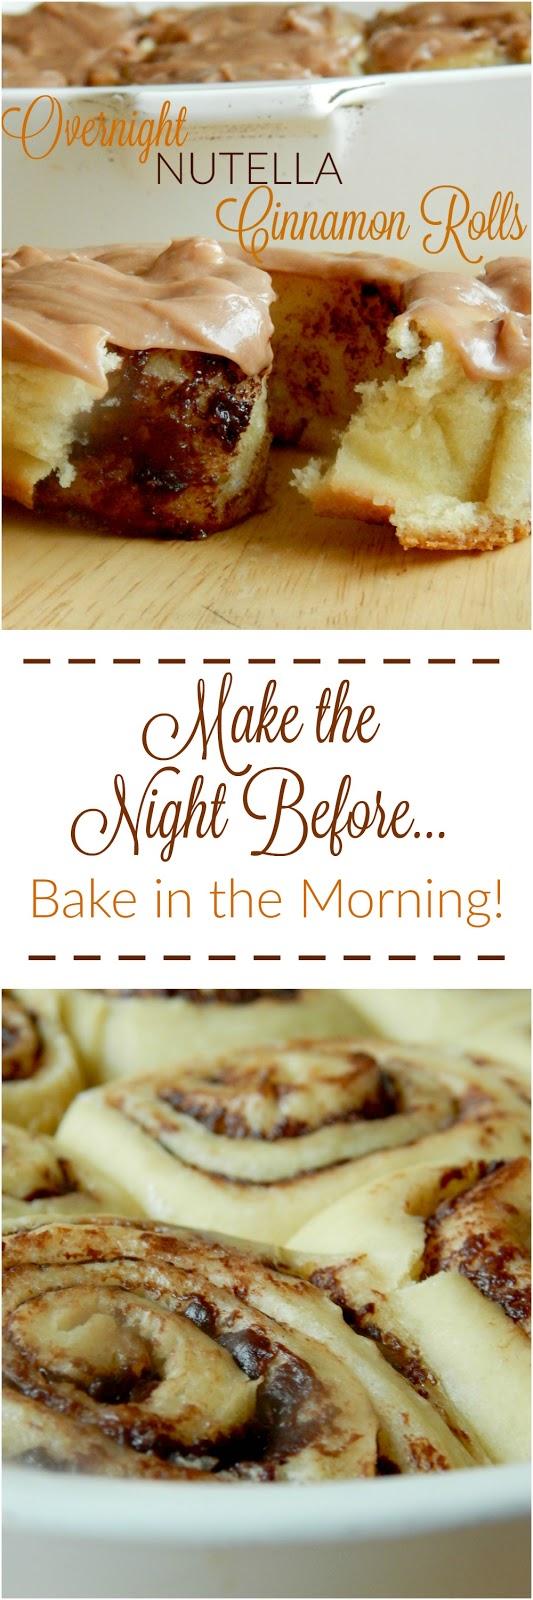 overnight nutella cinnamon rolls (sweetandsavoryfood.com)